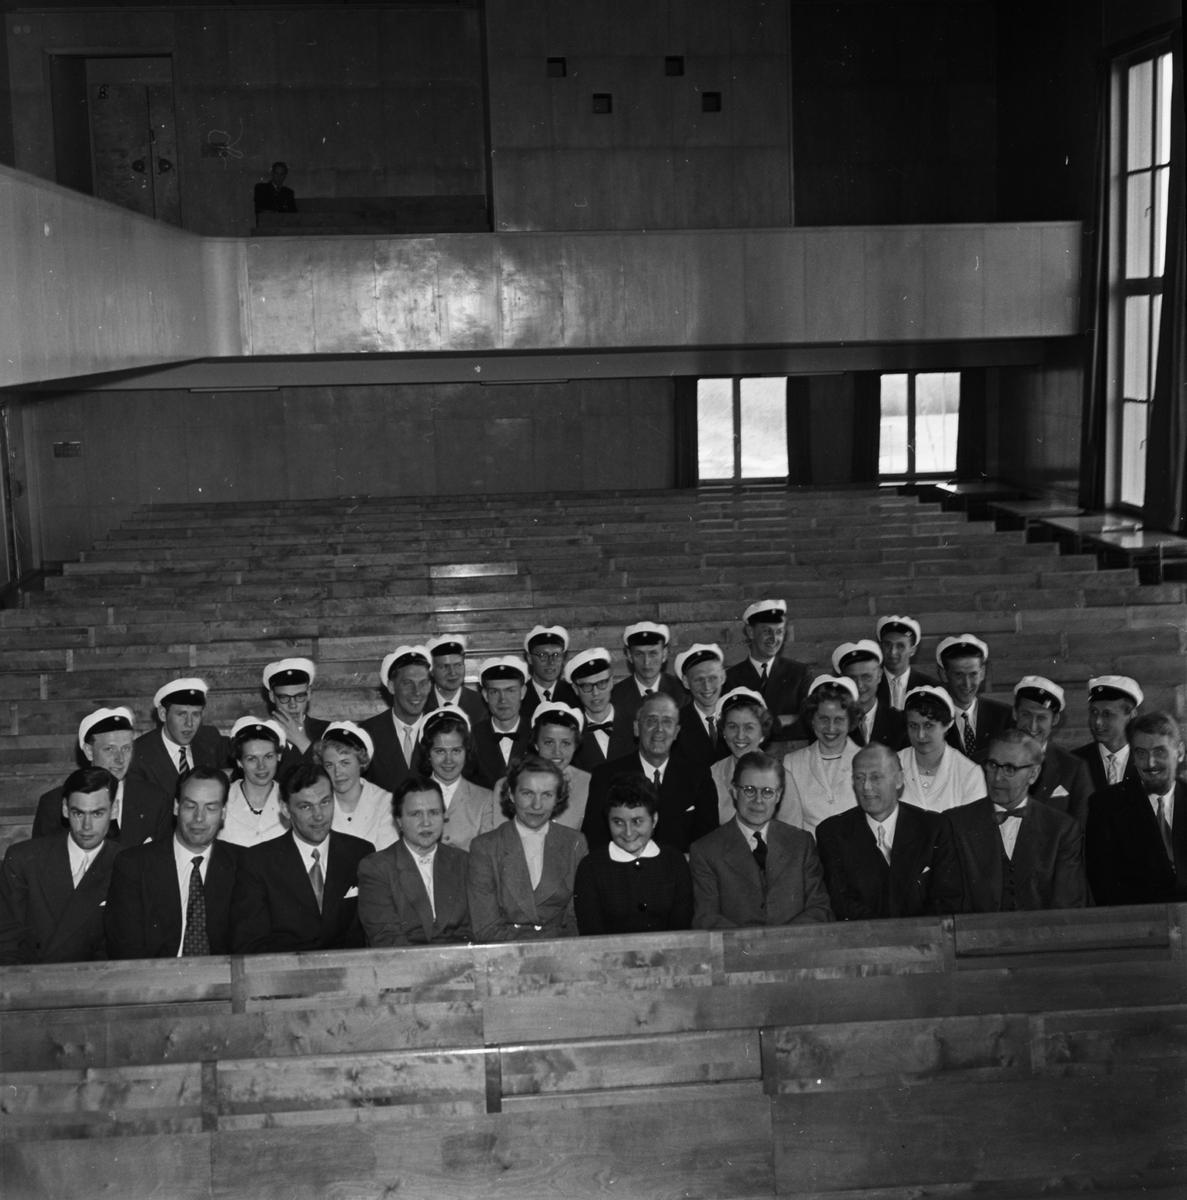 Praktiska mellanskolan - första studentexamen, Uppsala, 1957